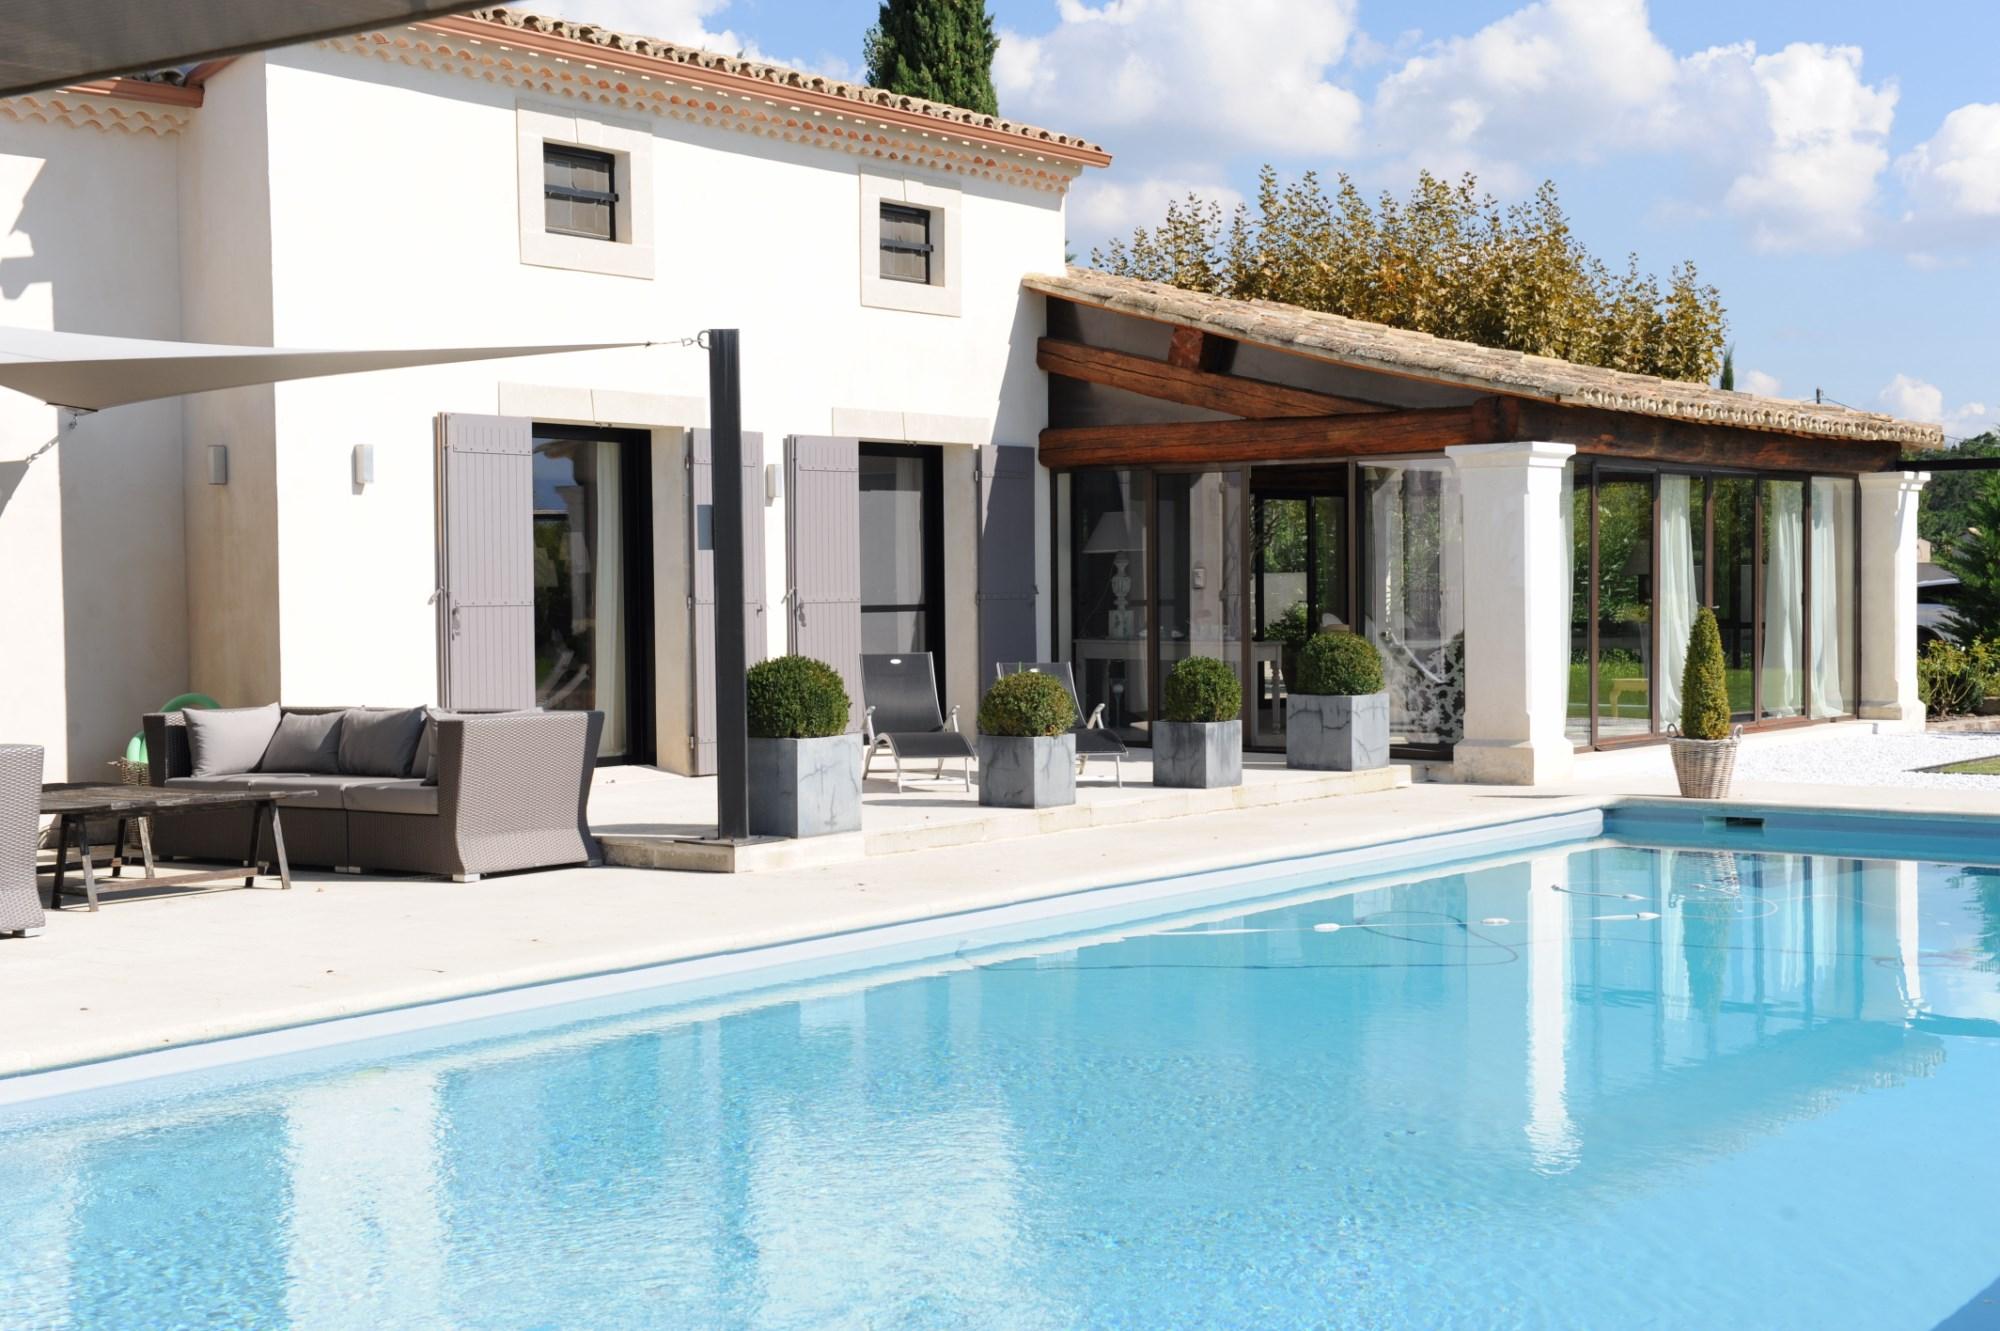 Propriété avec piscine en vente en Provence